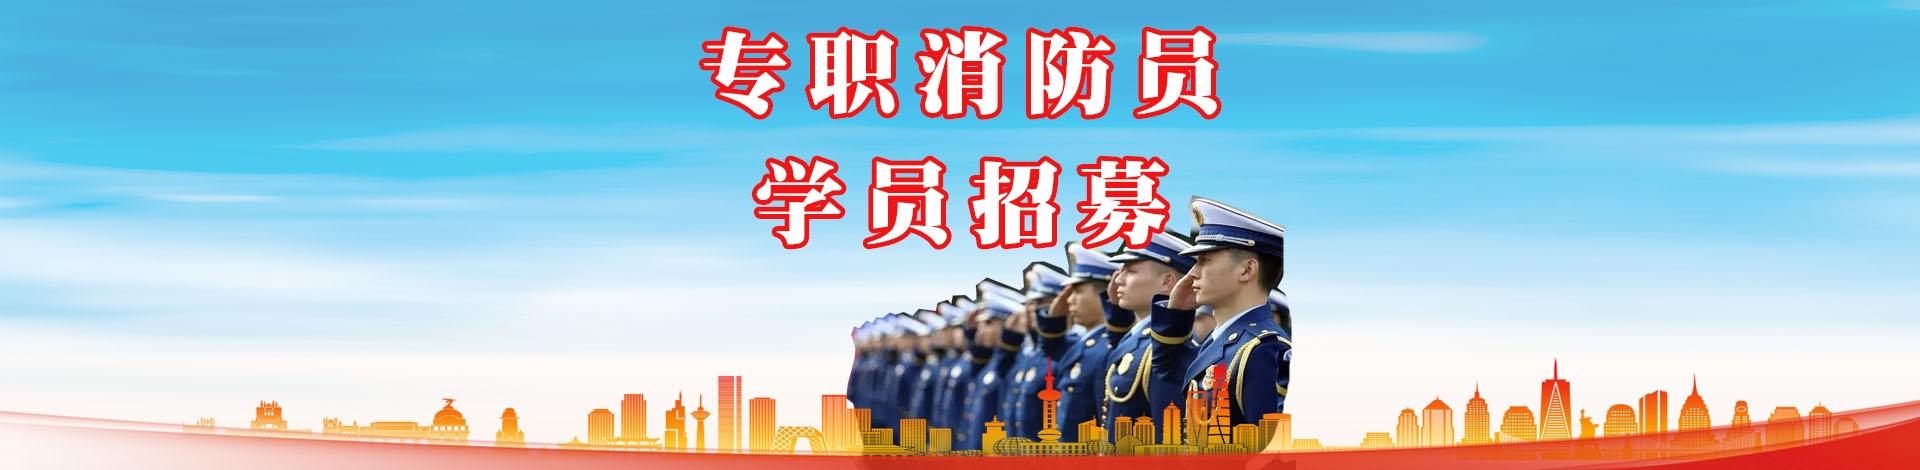 湖南省销售、管理、技术大型专场招聘会